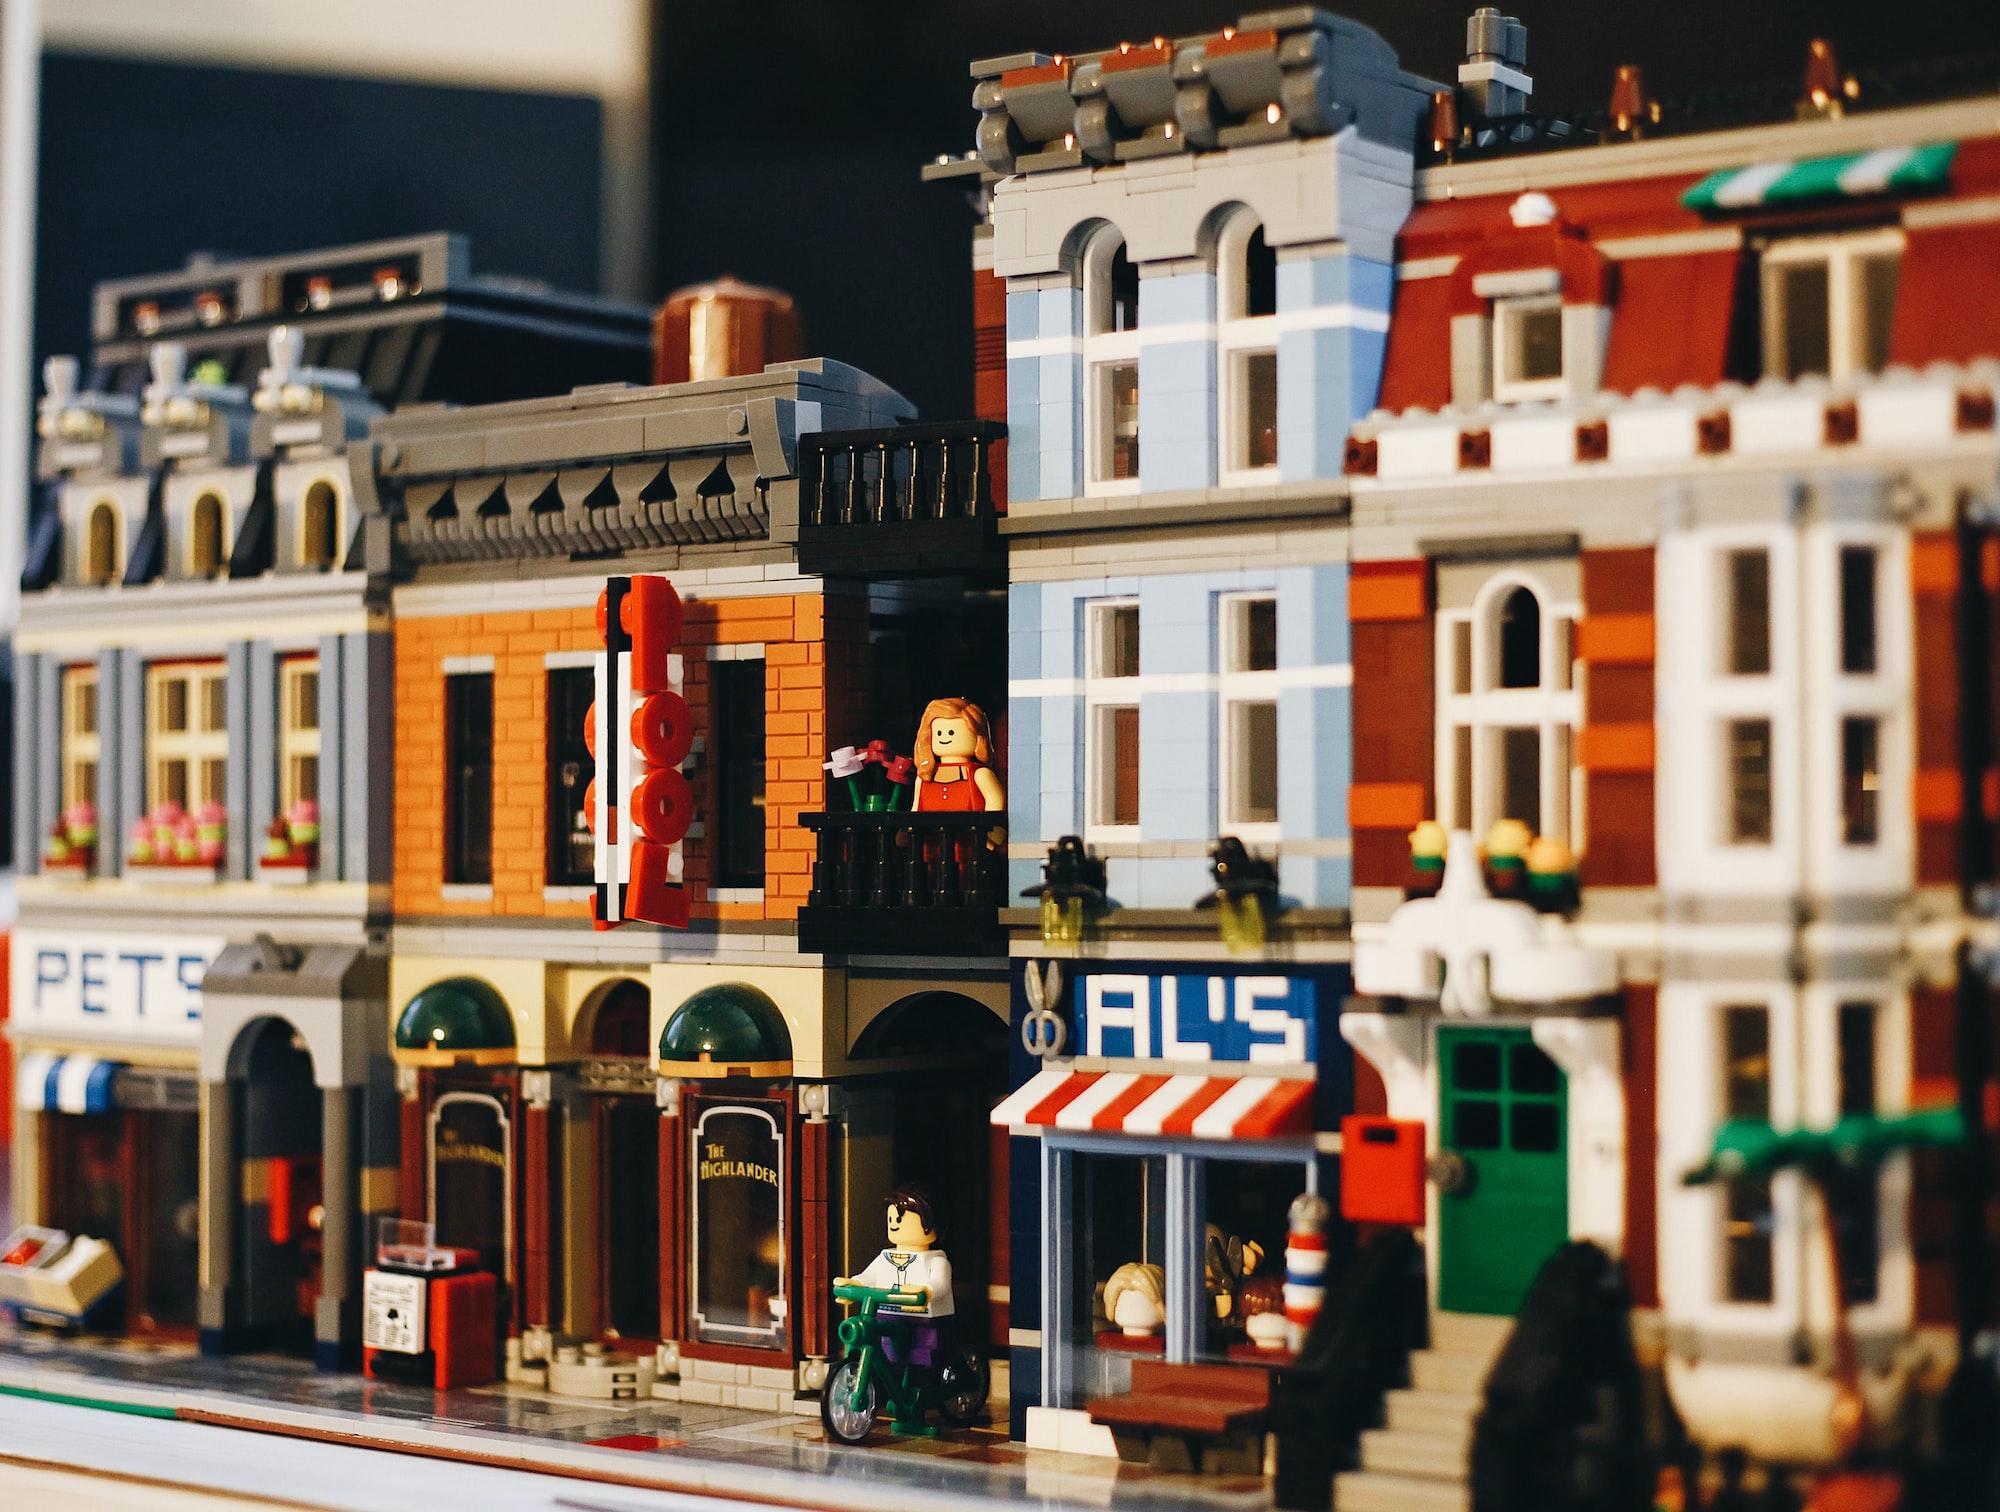 A Closet Full of Legos